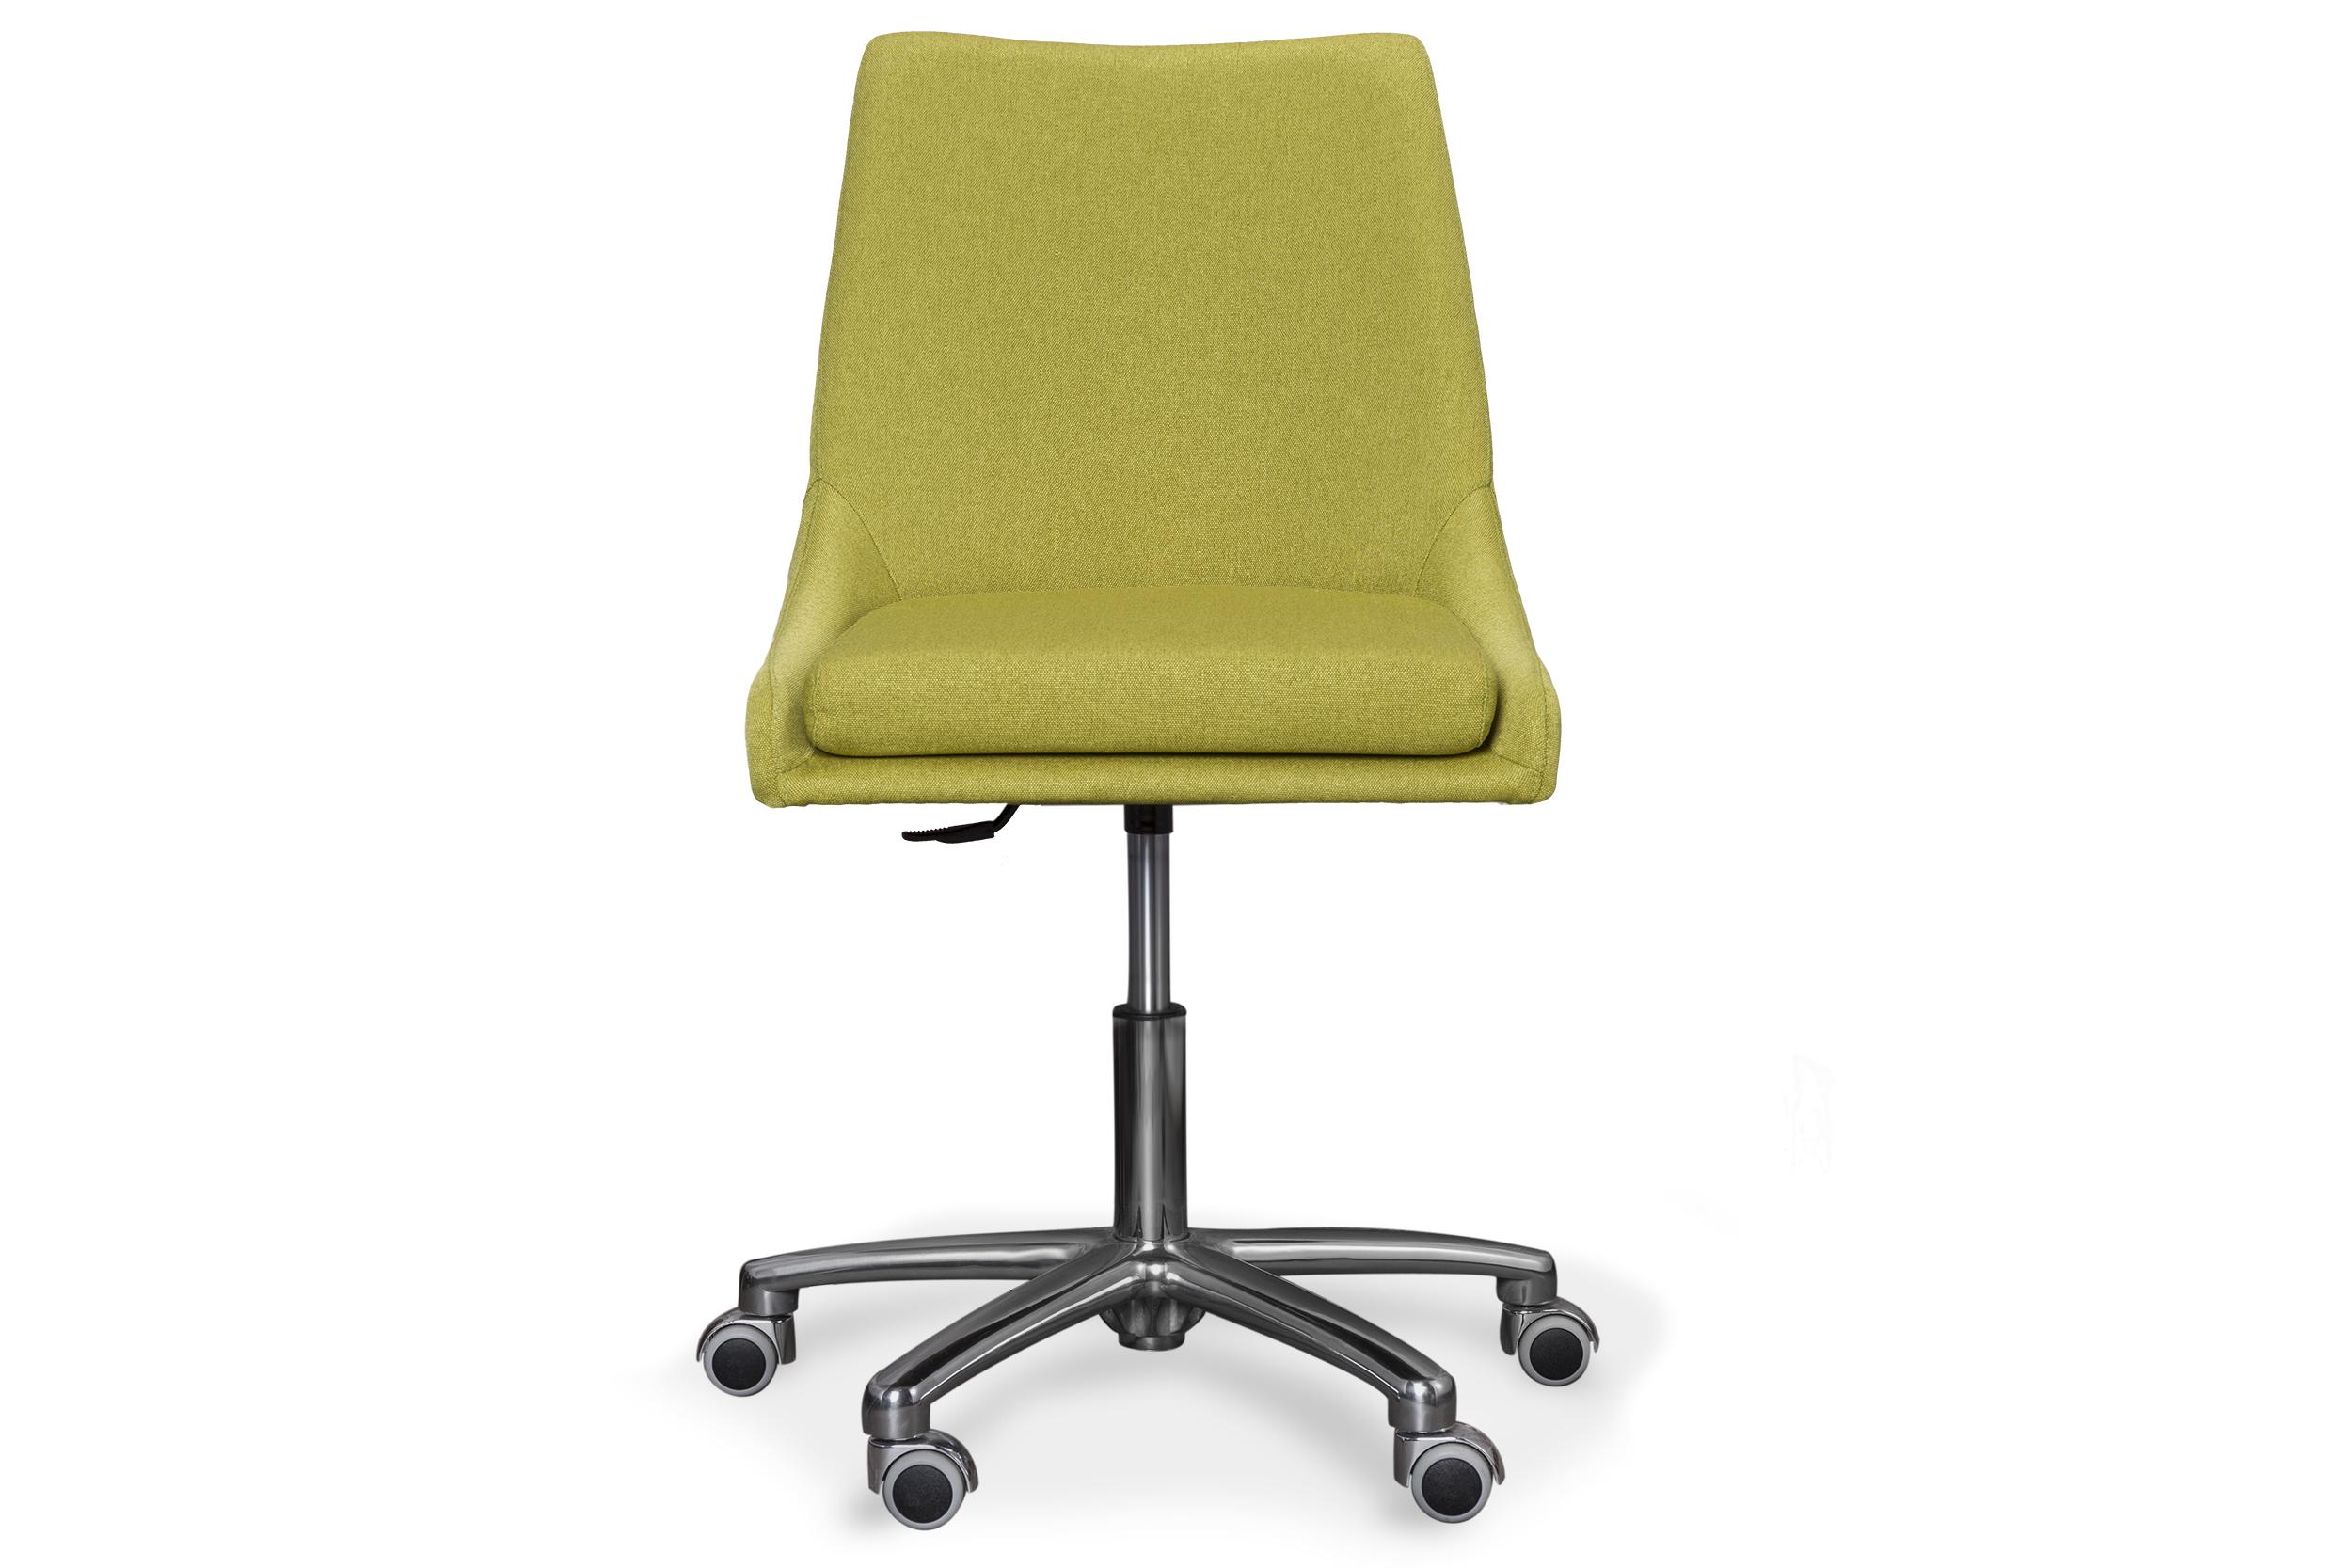 Кресло MarbleРабочие кресла<br>Marble - это наш классический стул, который мы адаптировали к современному офису. &amp;amp;nbsp;К легким скандинавским формам мы просто добавили мобильную платформу и теперь все в вашем интерьере станет еще ближе.&amp;lt;div&amp;gt;&amp;lt;br&amp;gt;&amp;lt;/div&amp;gt;&amp;lt;div&amp;gt;Минимальная высота сидения: 42 см (общая 85 см), &amp;amp;nbsp;&amp;lt;/div&amp;gt;&amp;lt;div&amp;gt;Максимальная&amp;amp;nbsp;высота сидения:&amp;amp;nbsp;55 см (общая 98 см).&amp;lt;/div&amp;gt;&amp;lt;div&amp;gt;Регулировка газлифт.&amp;lt;/div&amp;gt;<br><br>Material: Текстиль<br>Ширина см: 50<br>Высота см: 85<br>Глубина см: 58